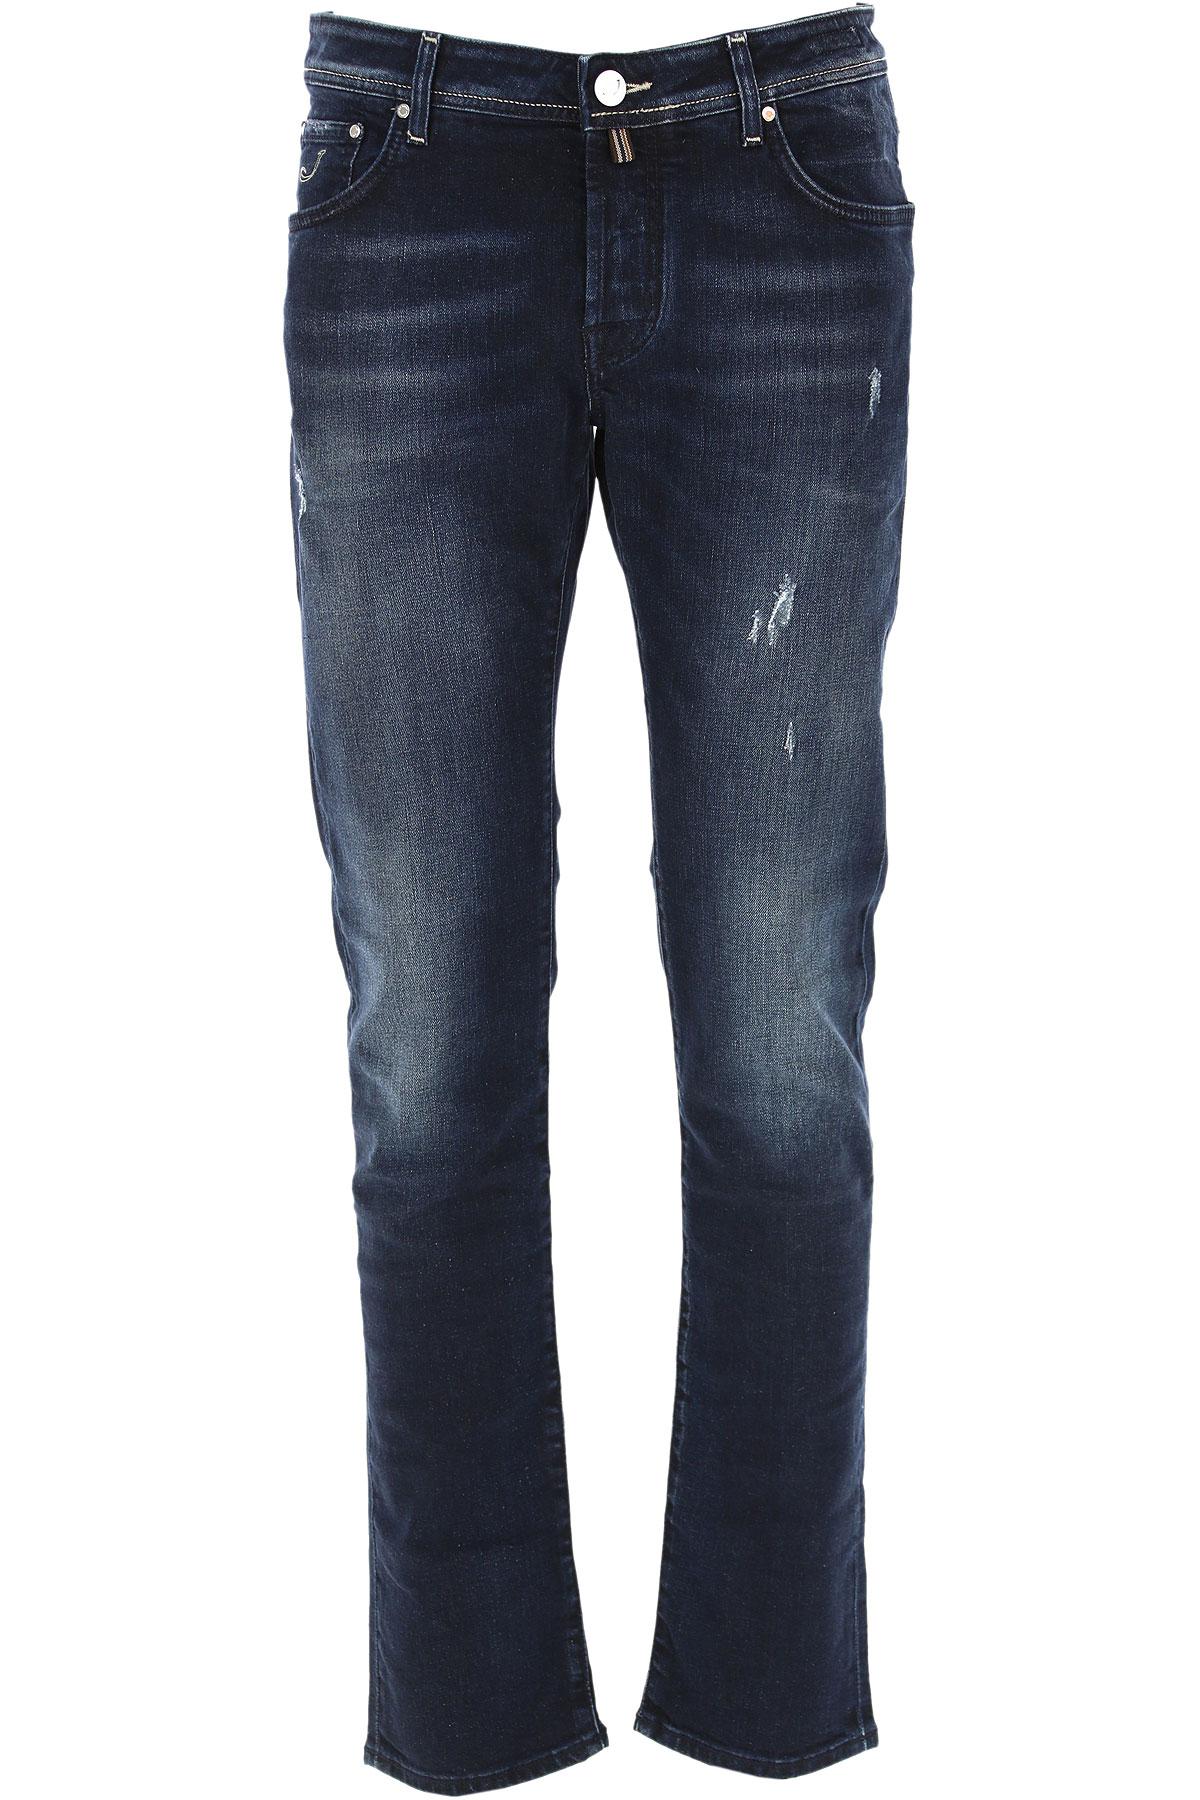 Jacob Cohen Jeans On Sale, Dark Blue, Cotton, 2019, 31 32 33 36